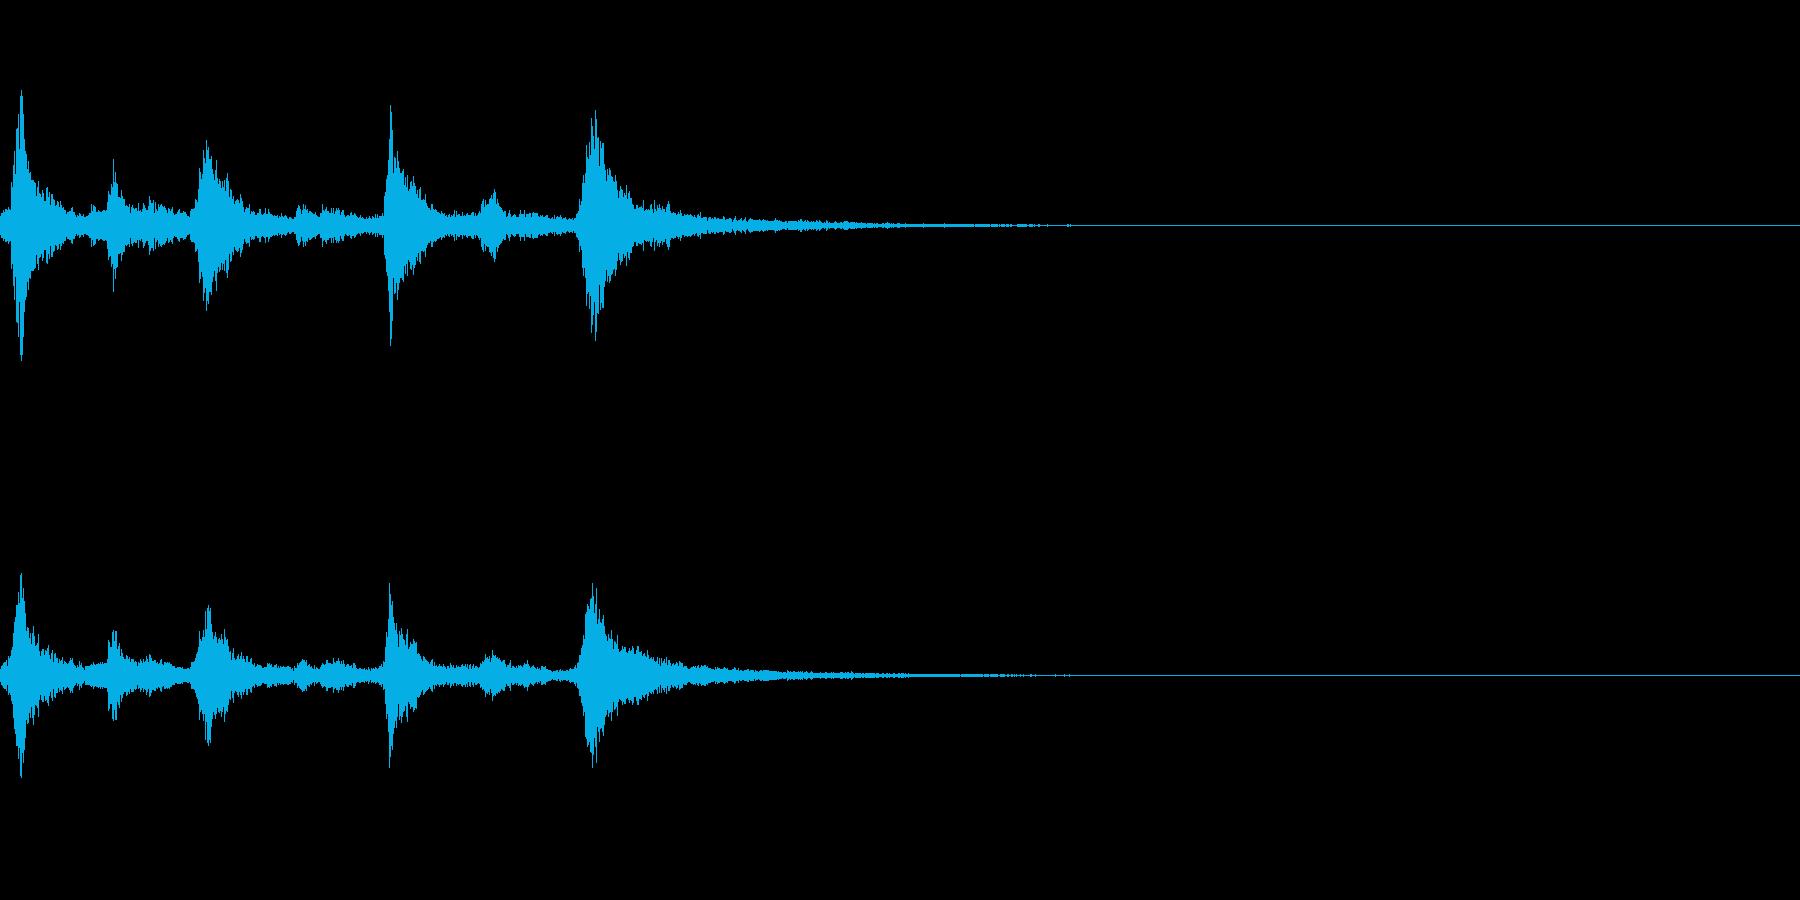 クリスマスのベル、鈴の効果音 ロゴ08の再生済みの波形